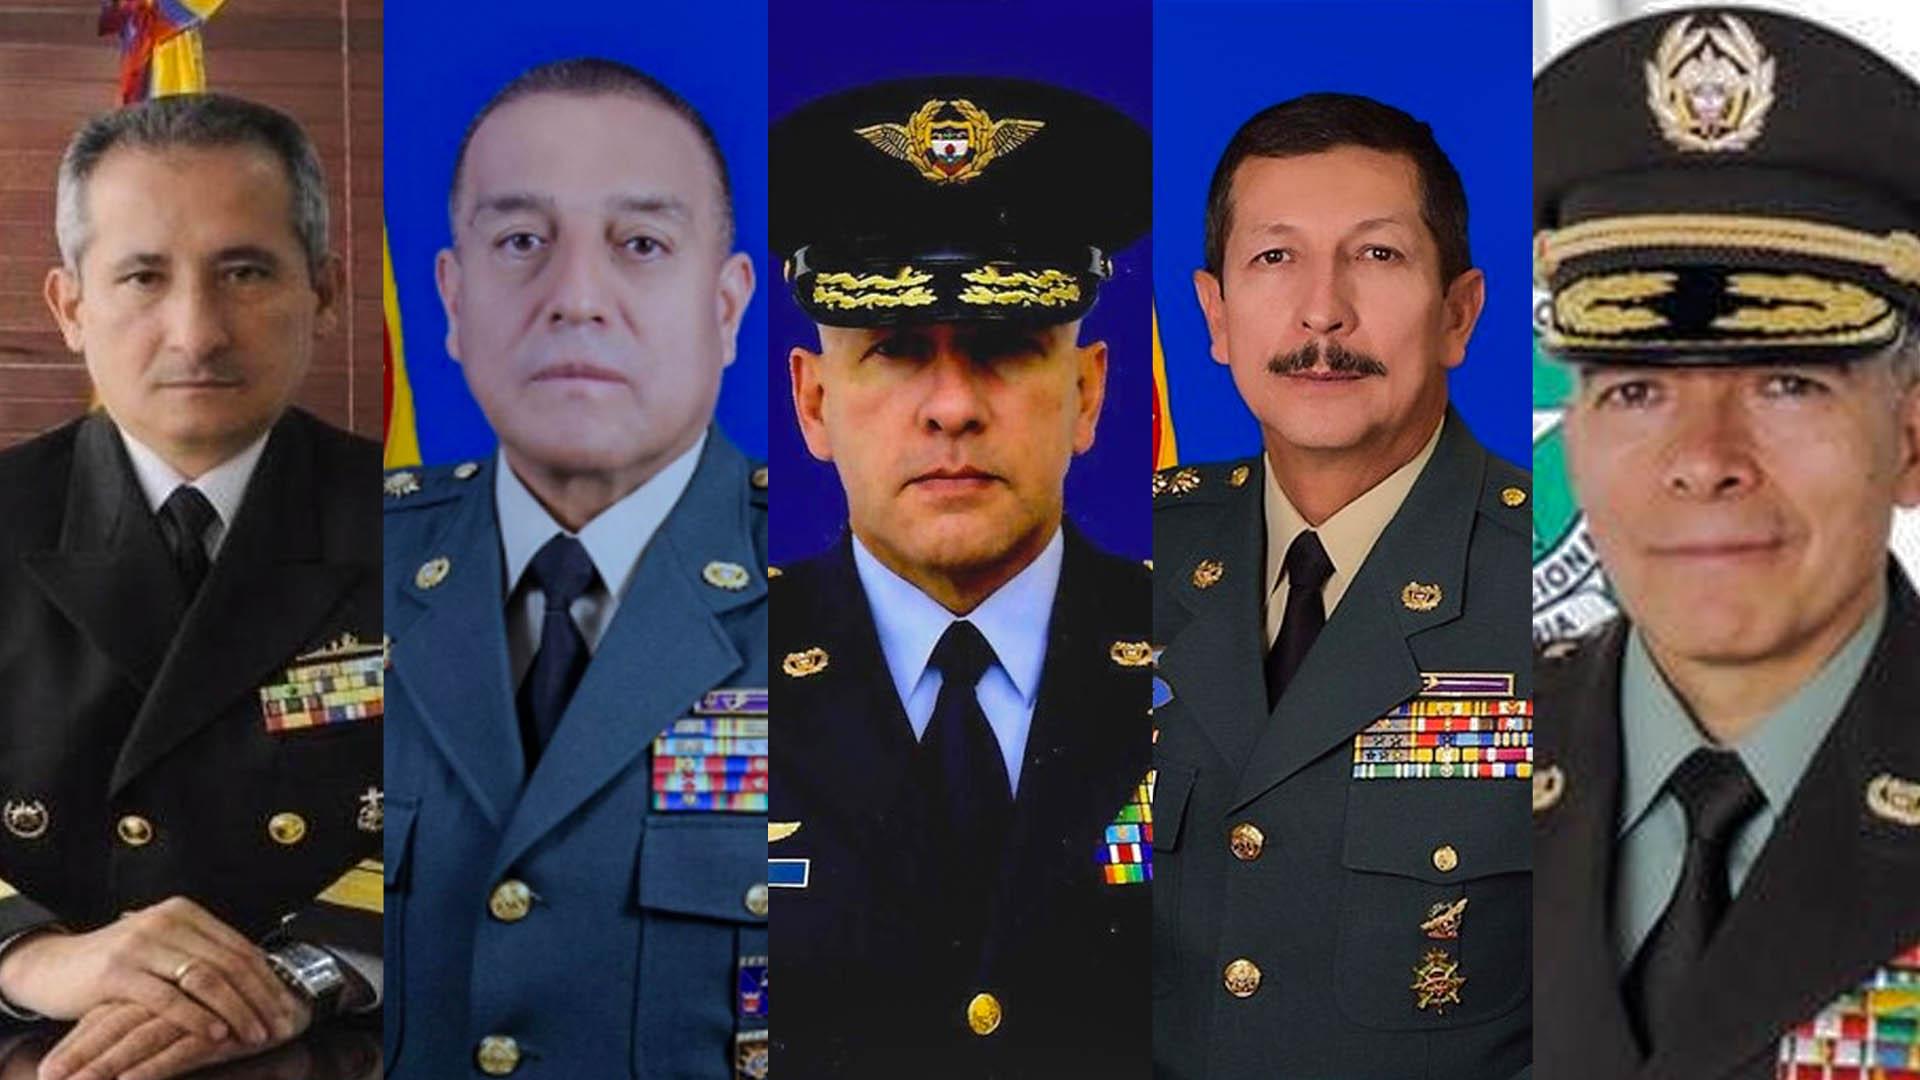 ¿Qué tanto le puede aportar la nueva cúpula militar a la construcción de paz?